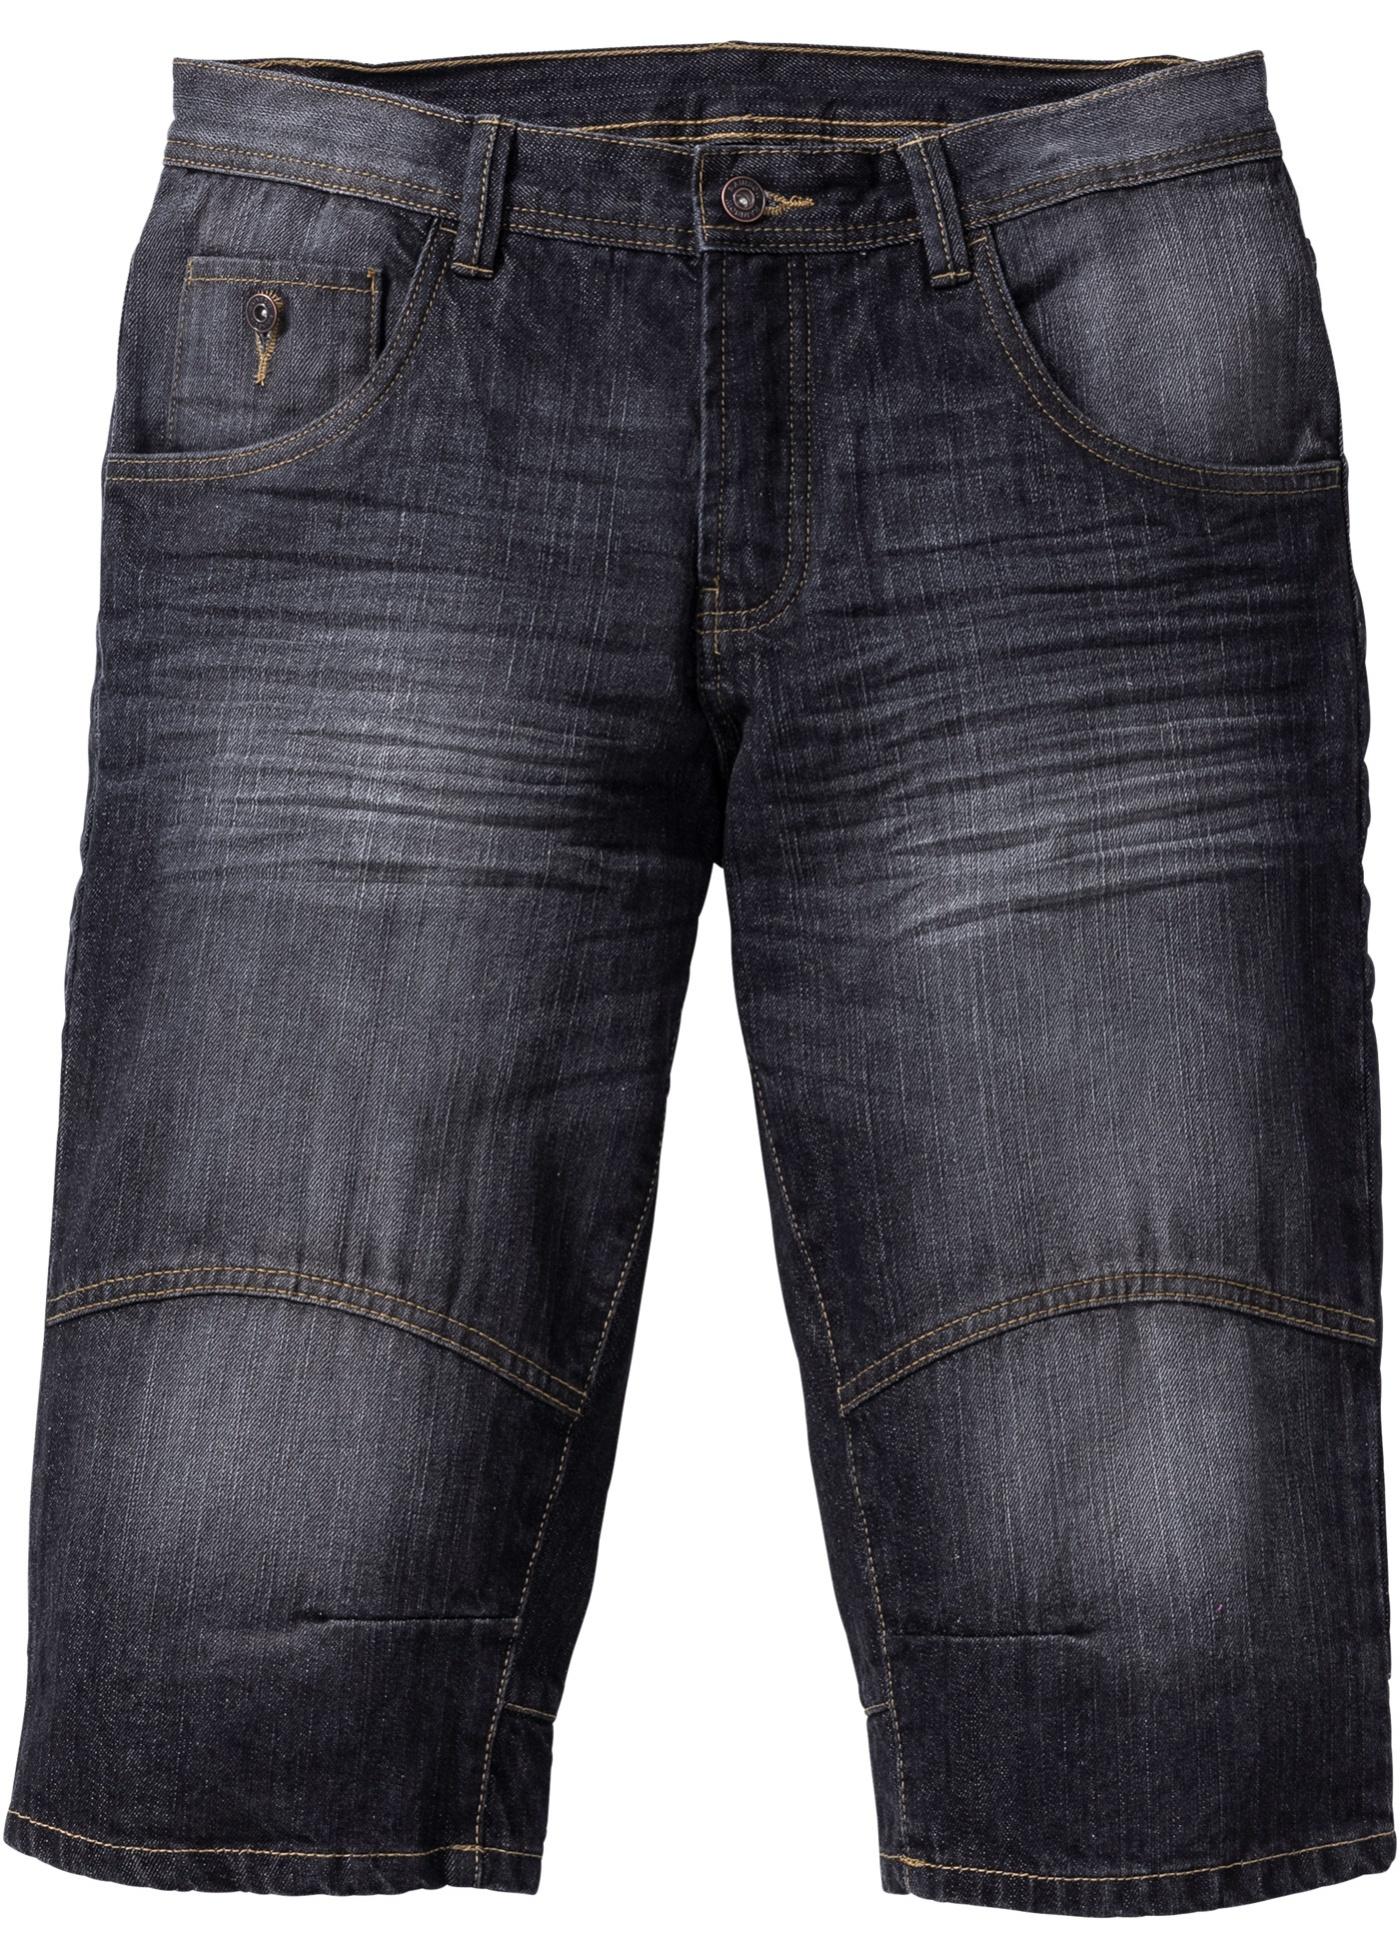 Bermuda lungo di jeans lo